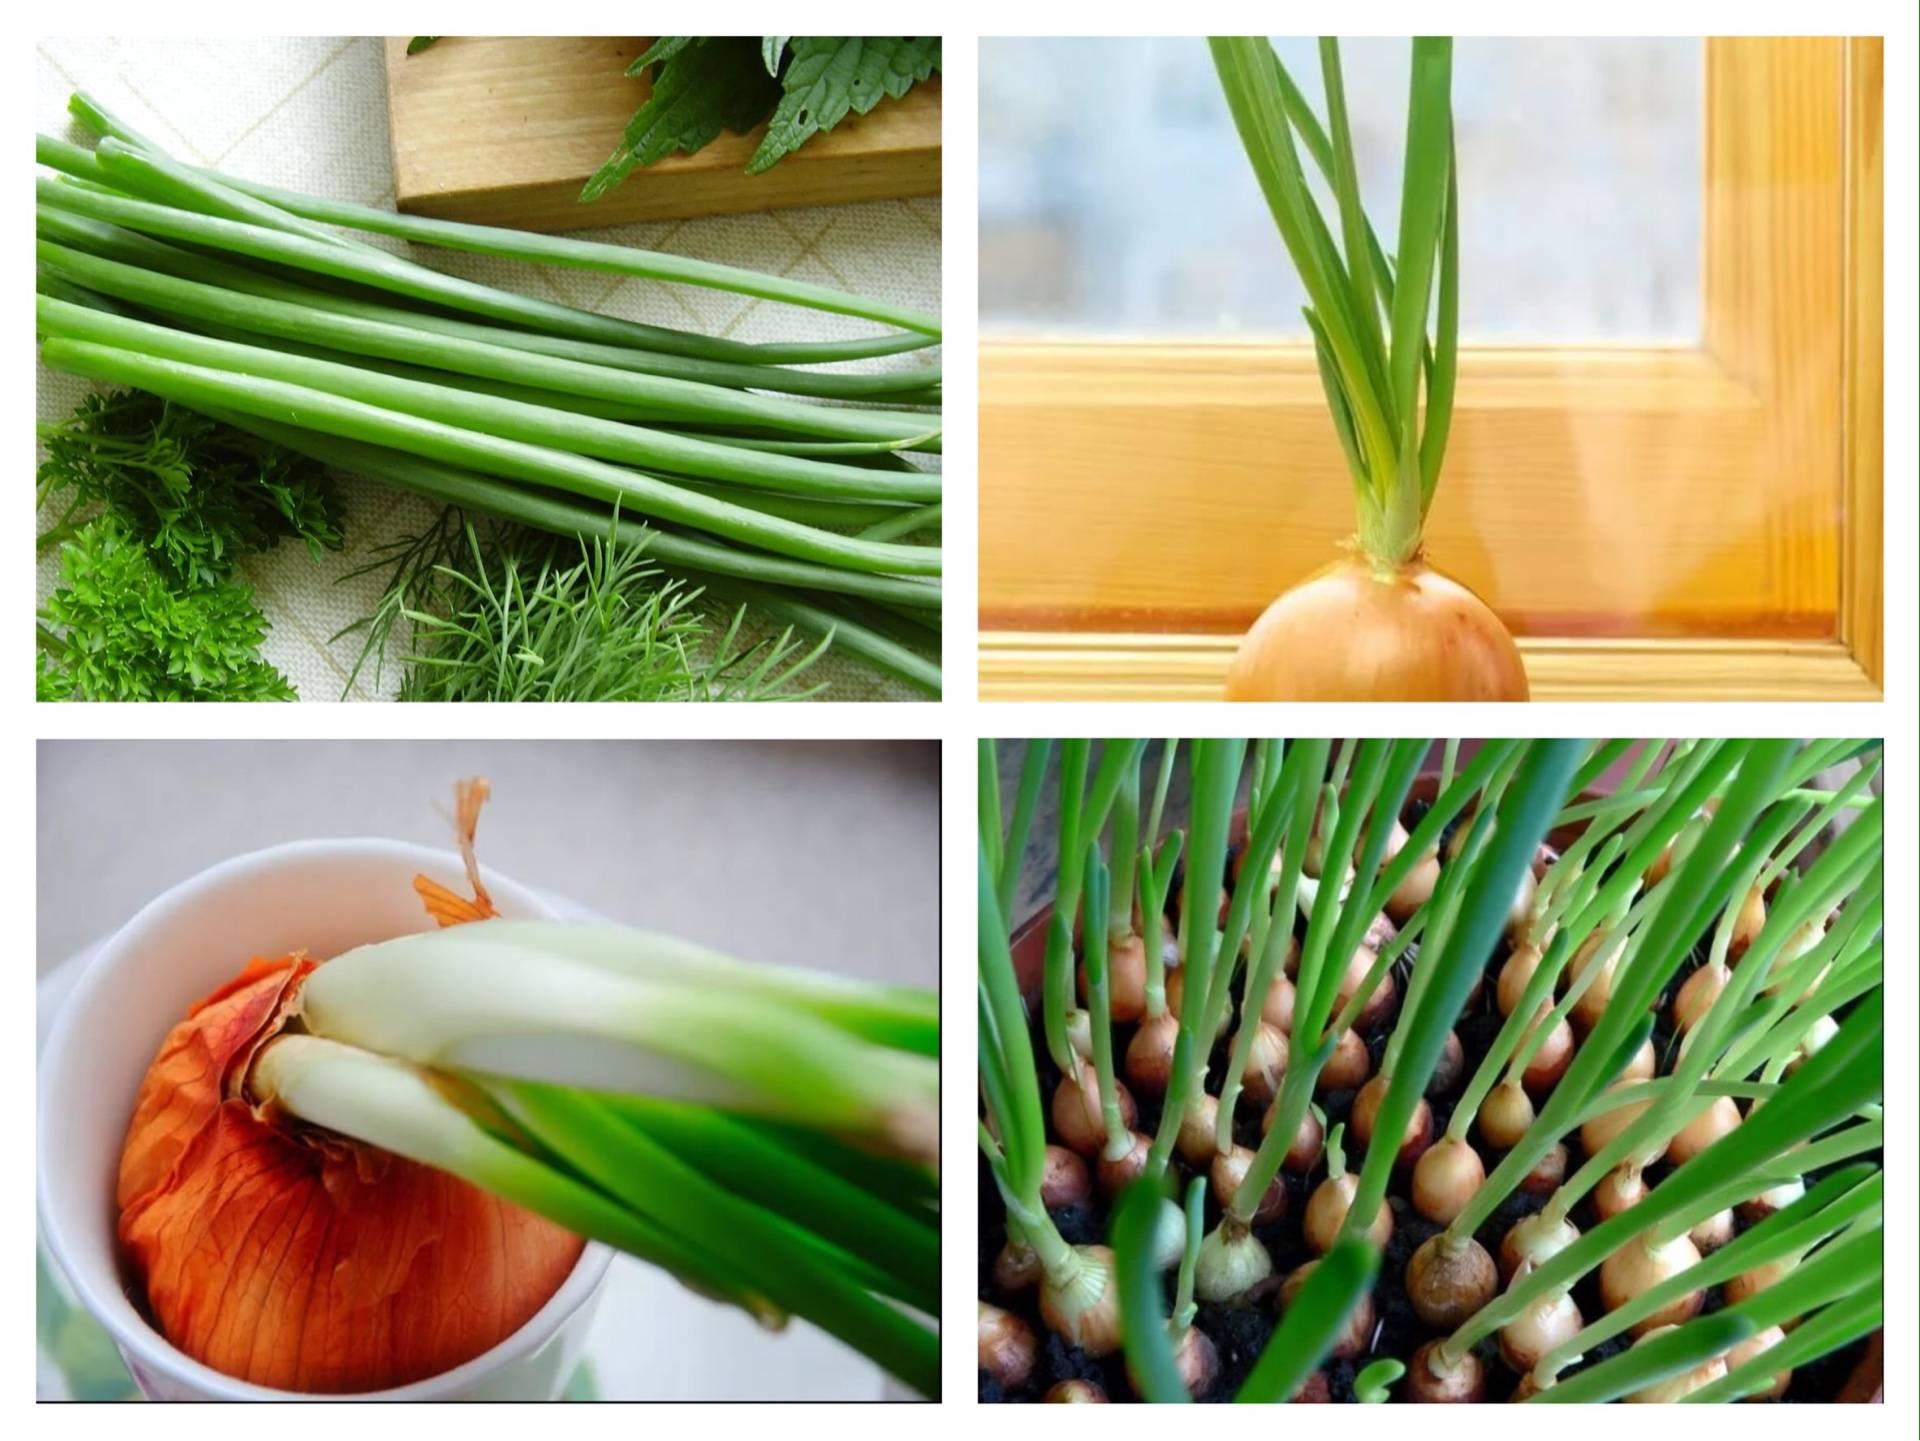 Лучшие сорта лука для выращивания на зелень с фото и описанием